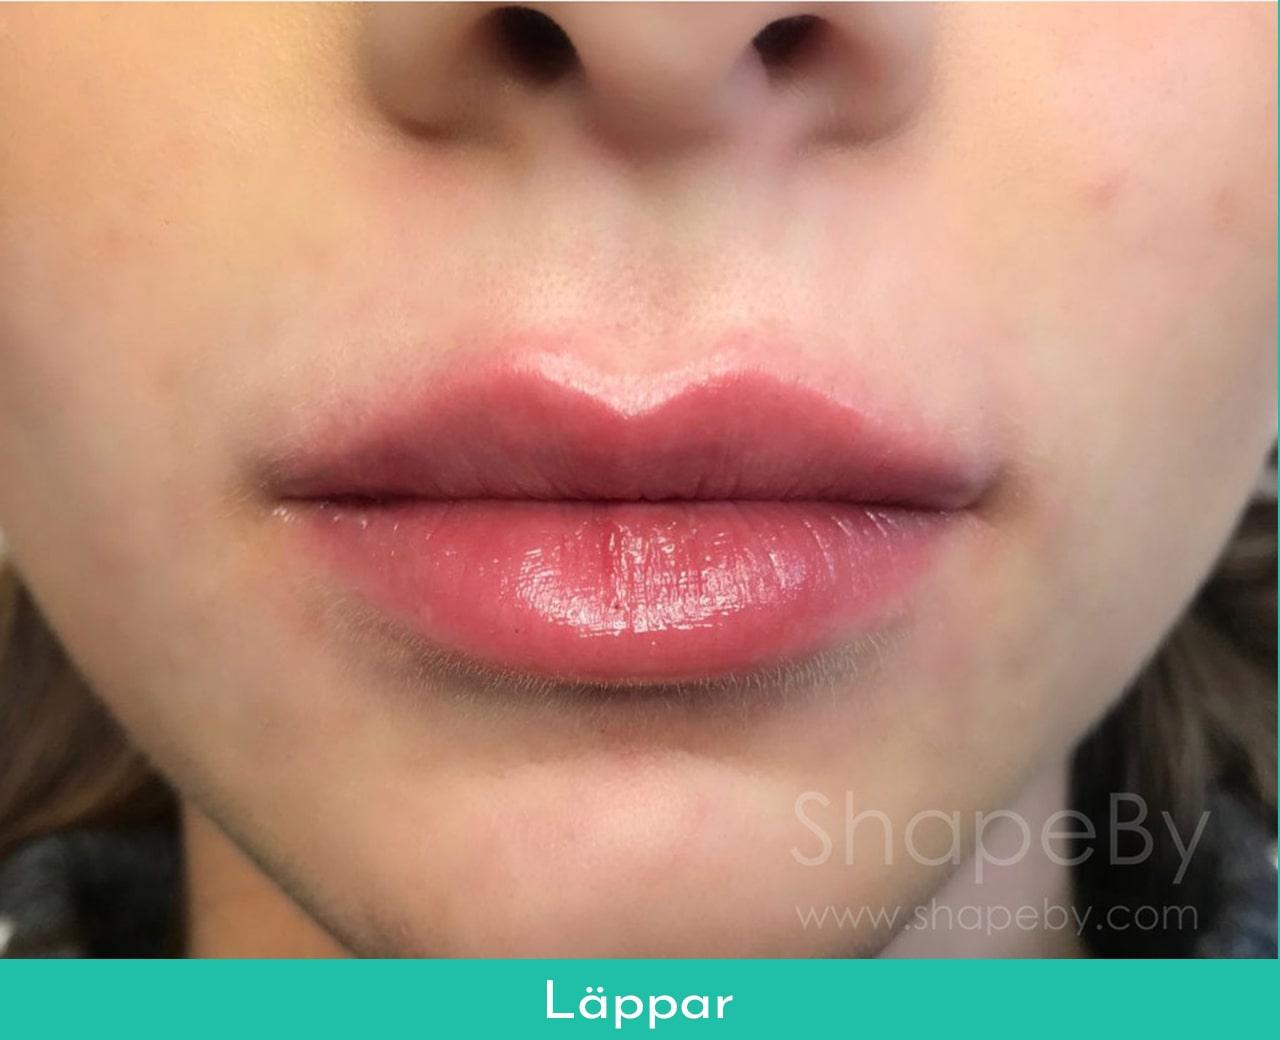 lip fillers stockholm